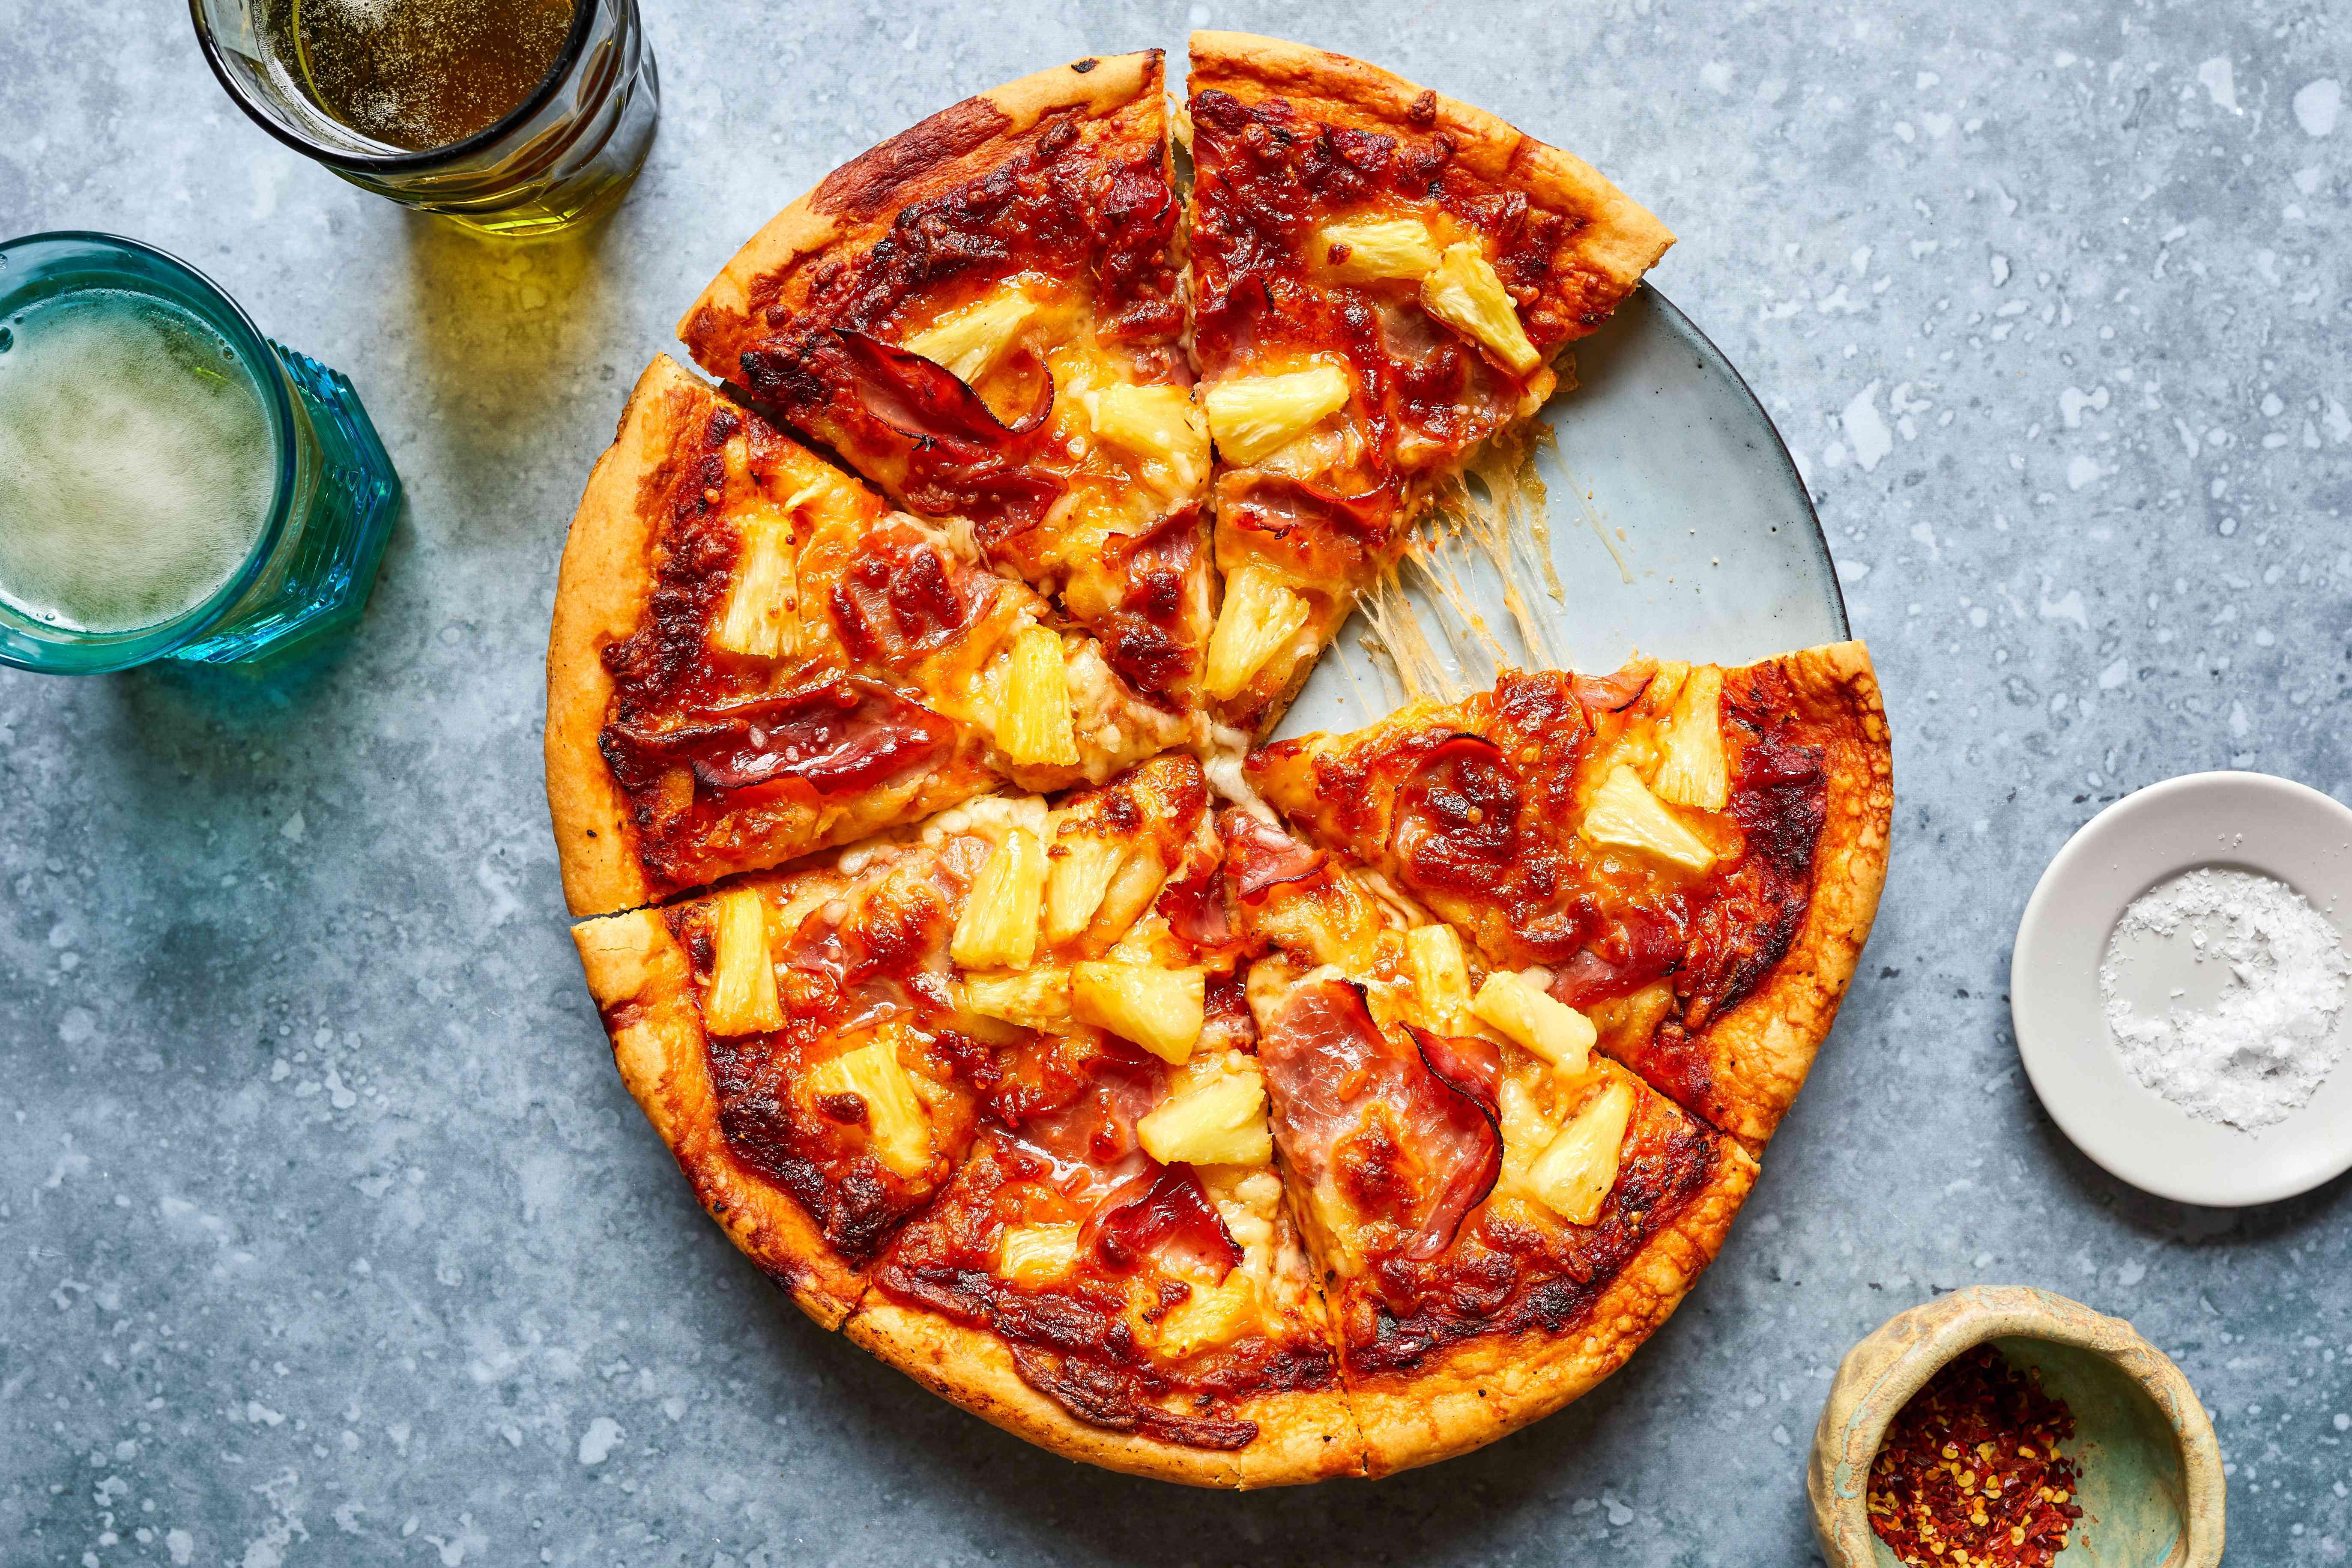 Hawaiian pizza recipe